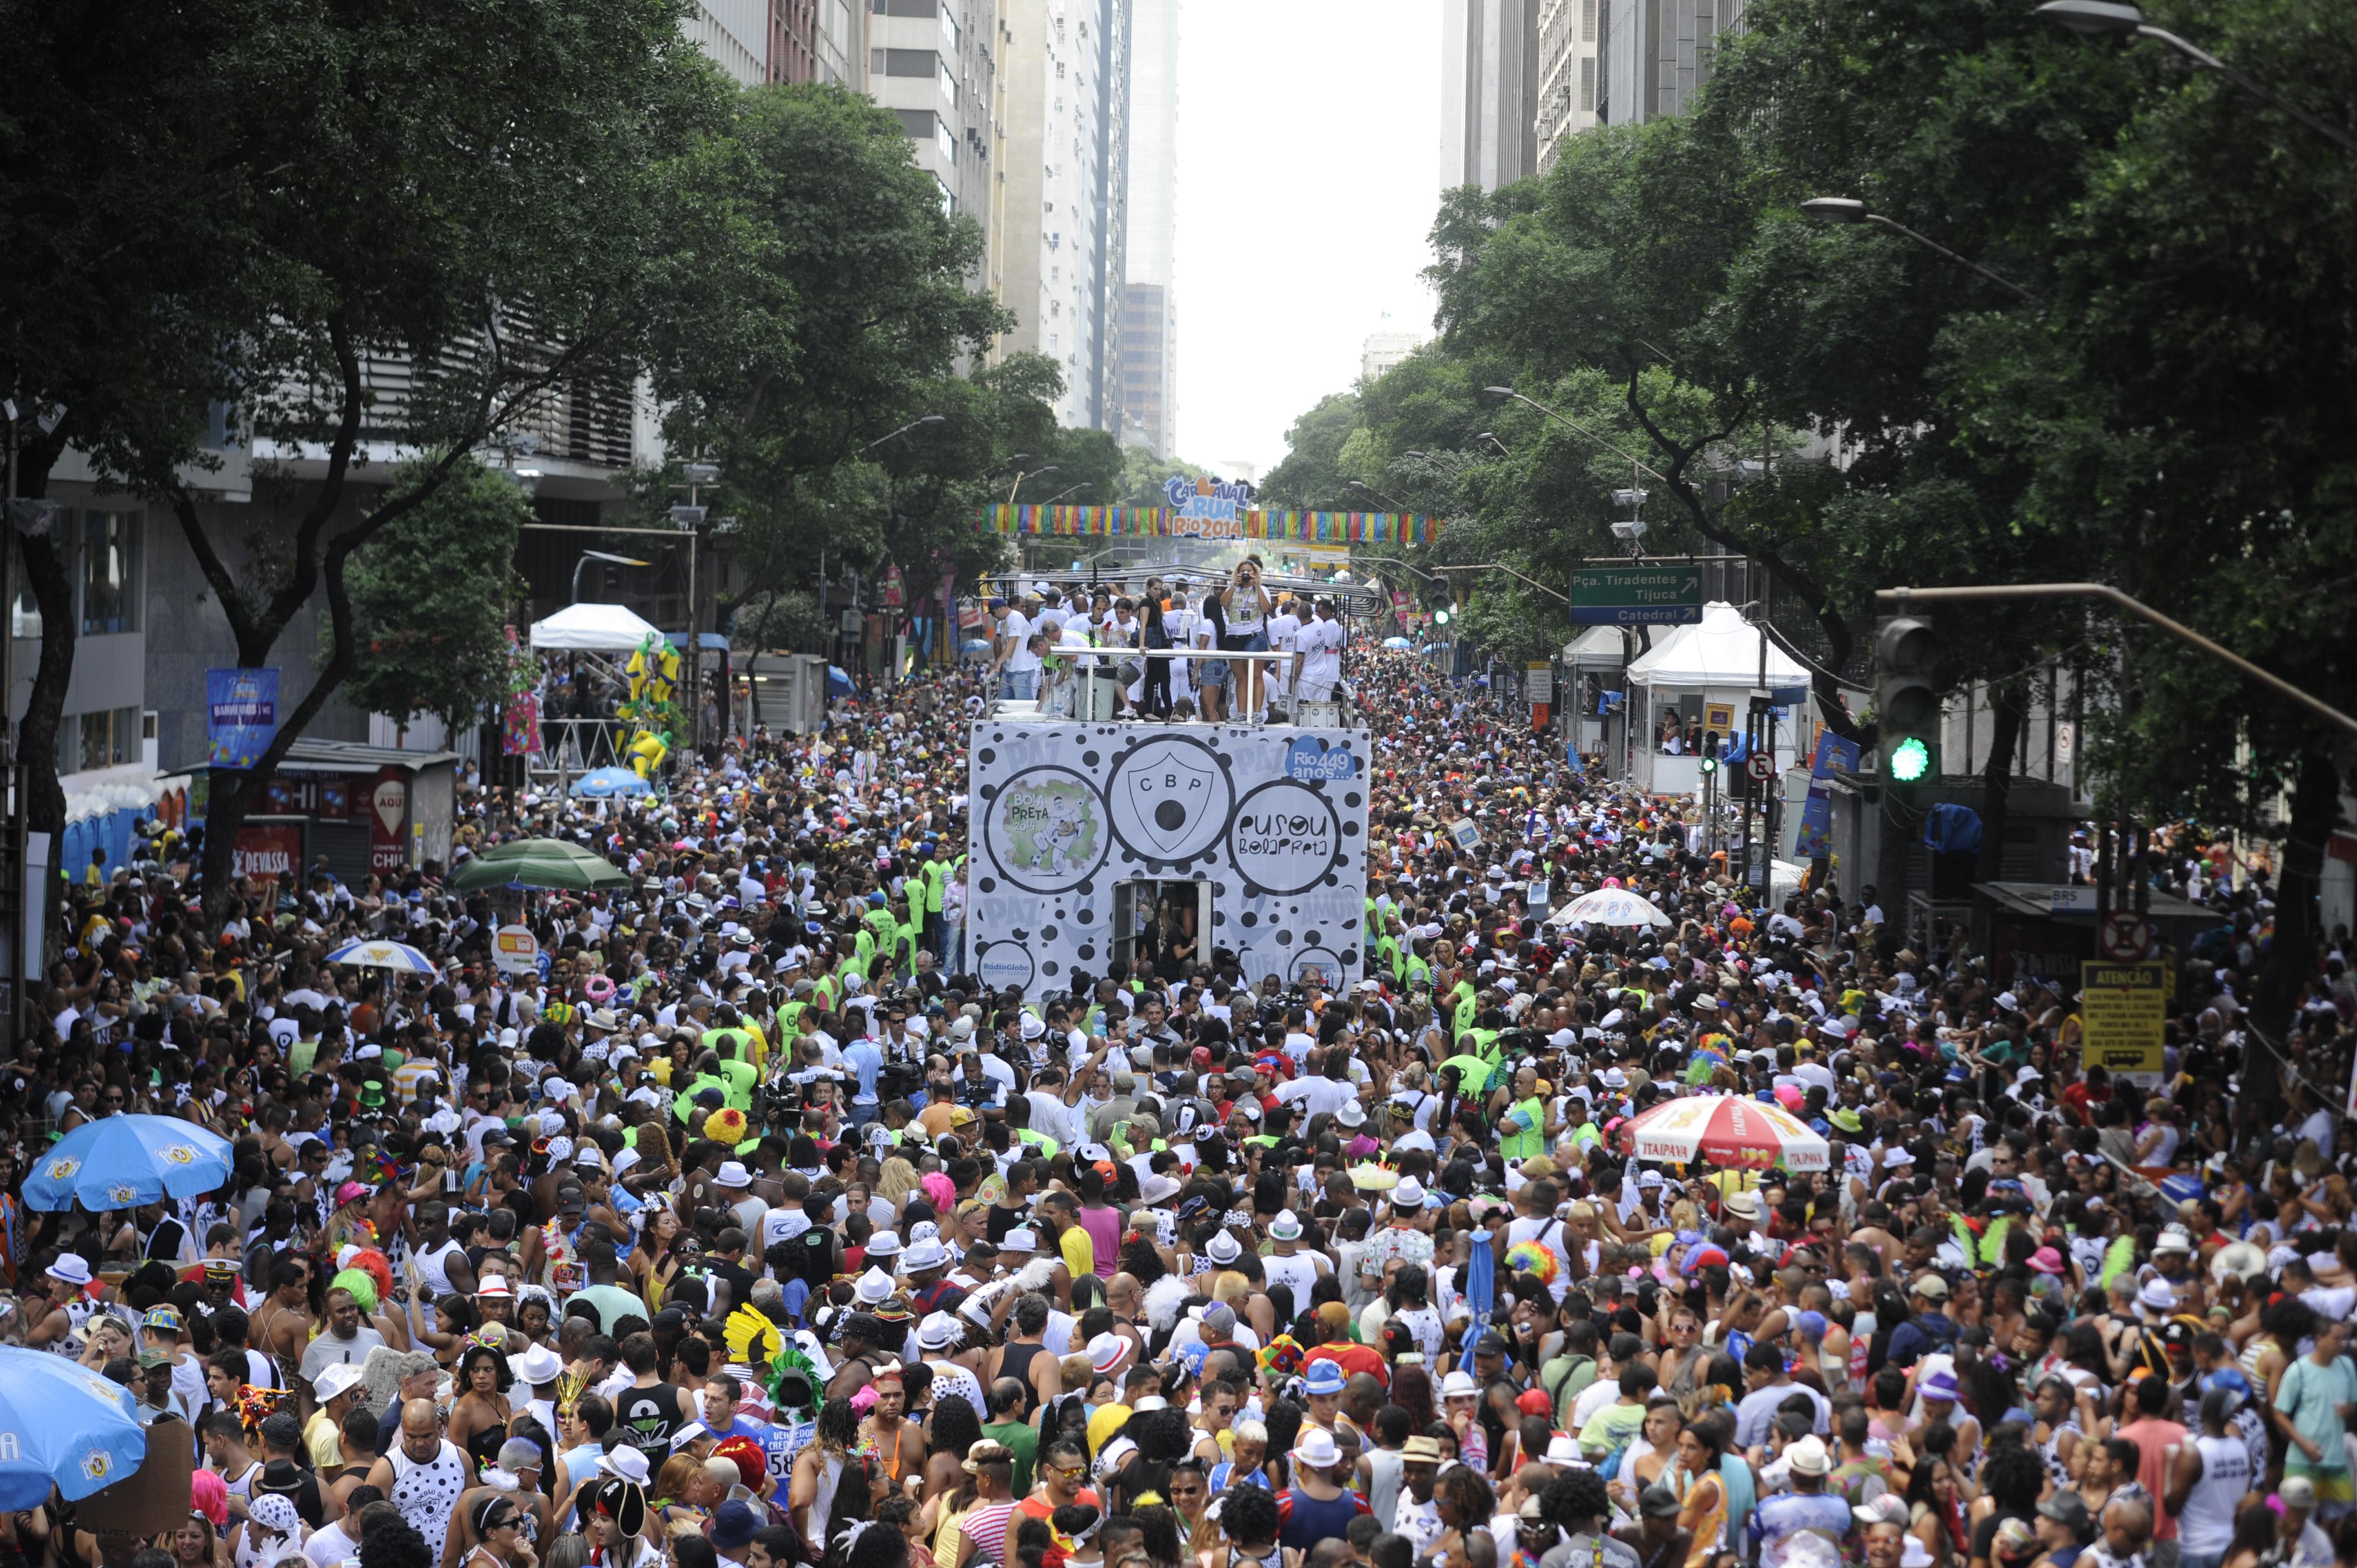 Rio de Janeiro - Comemorando os 449 anos da cidade do Rio de Janeiro 719f8dad075